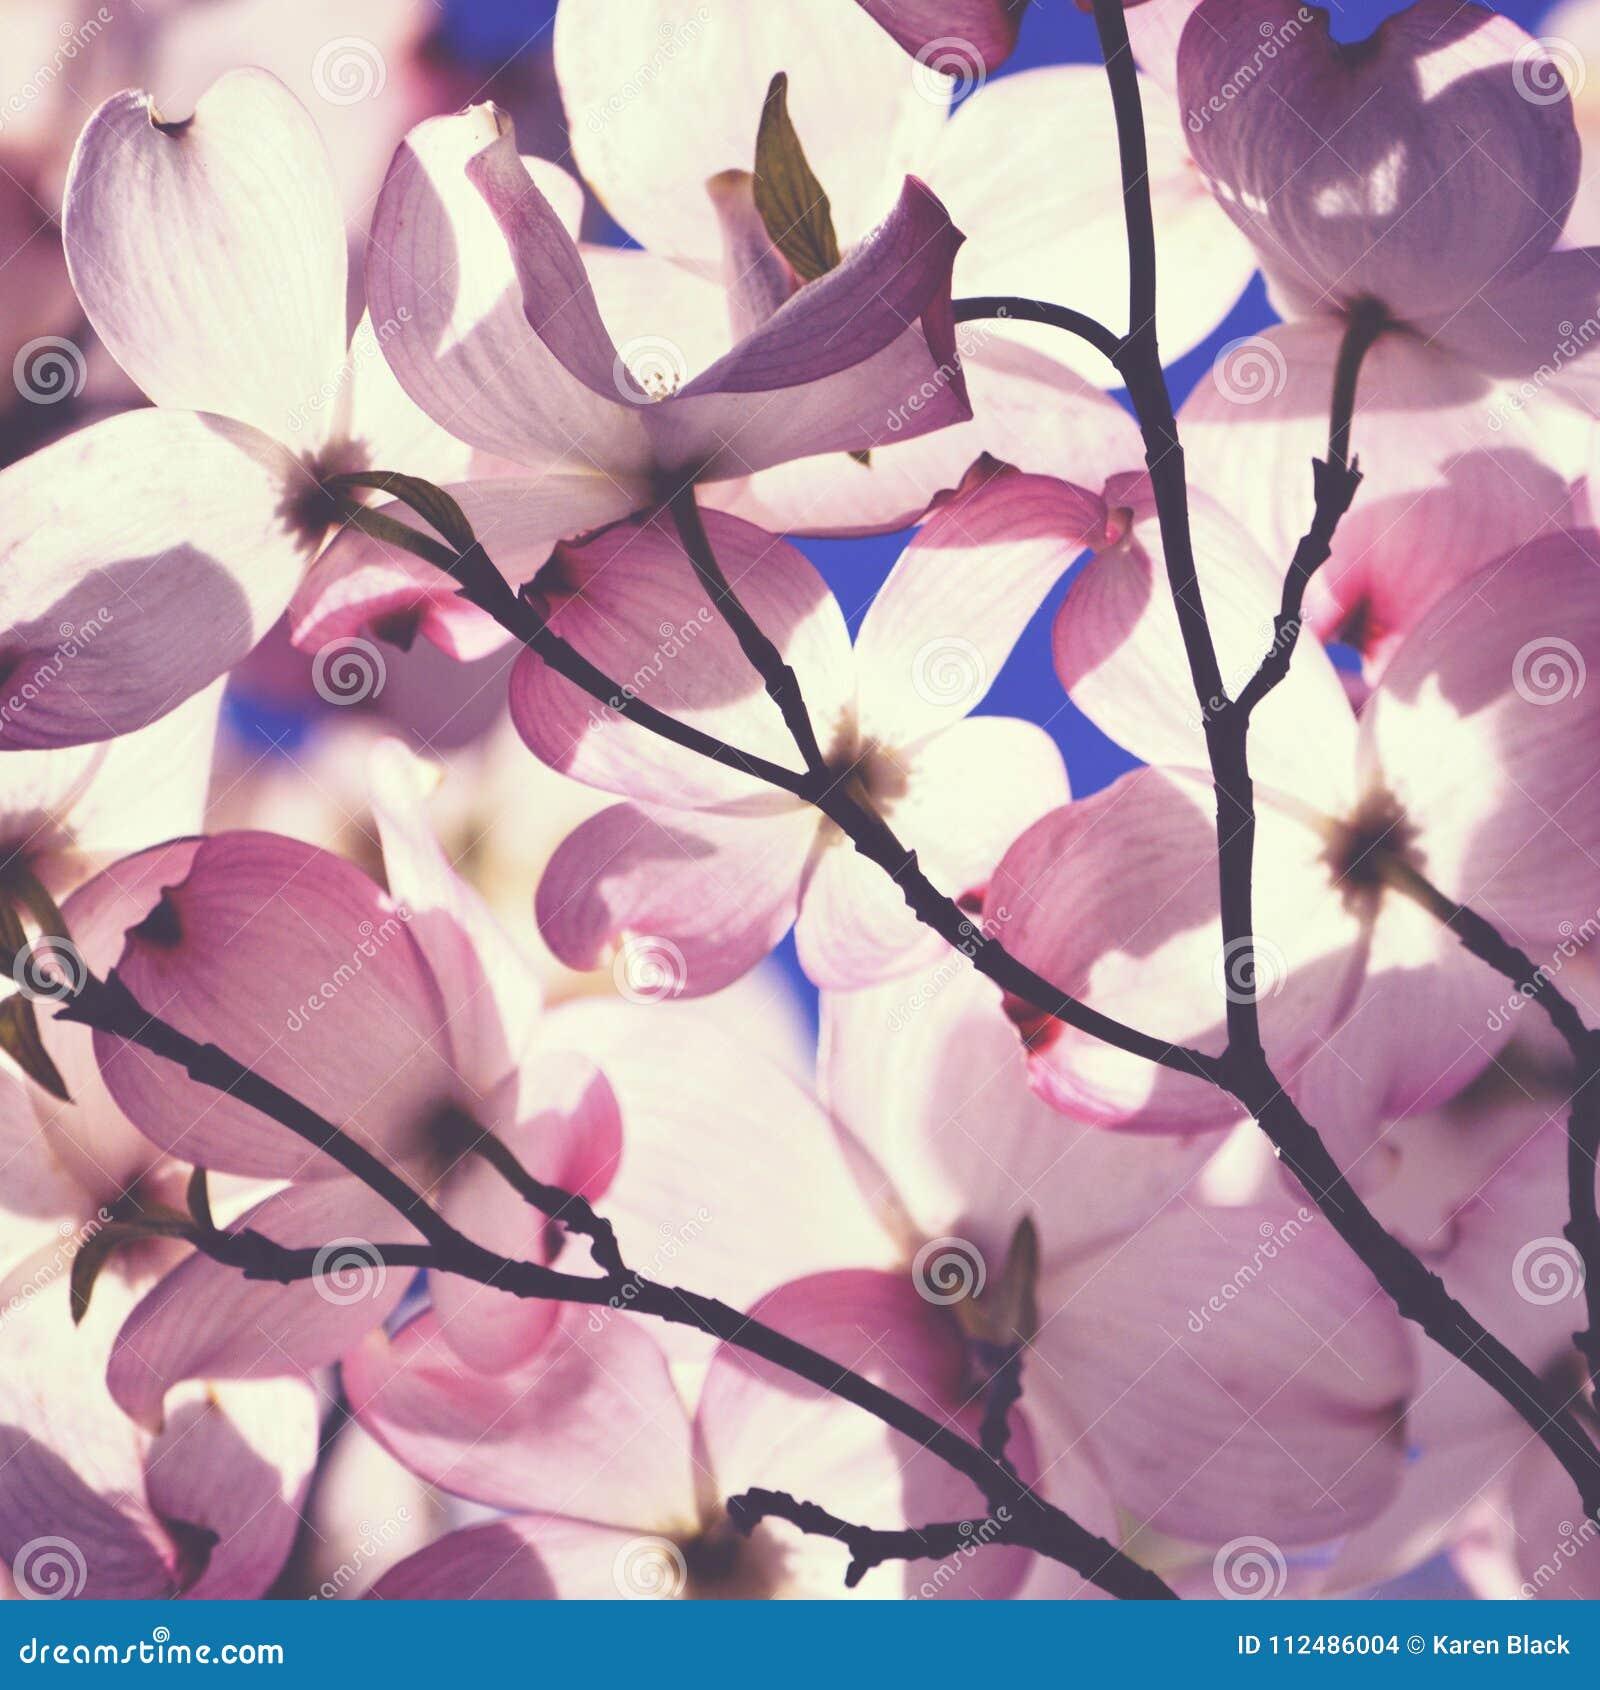 Close Up Of Pink Dogwood Flowers Stock Photo Image Of Botanical